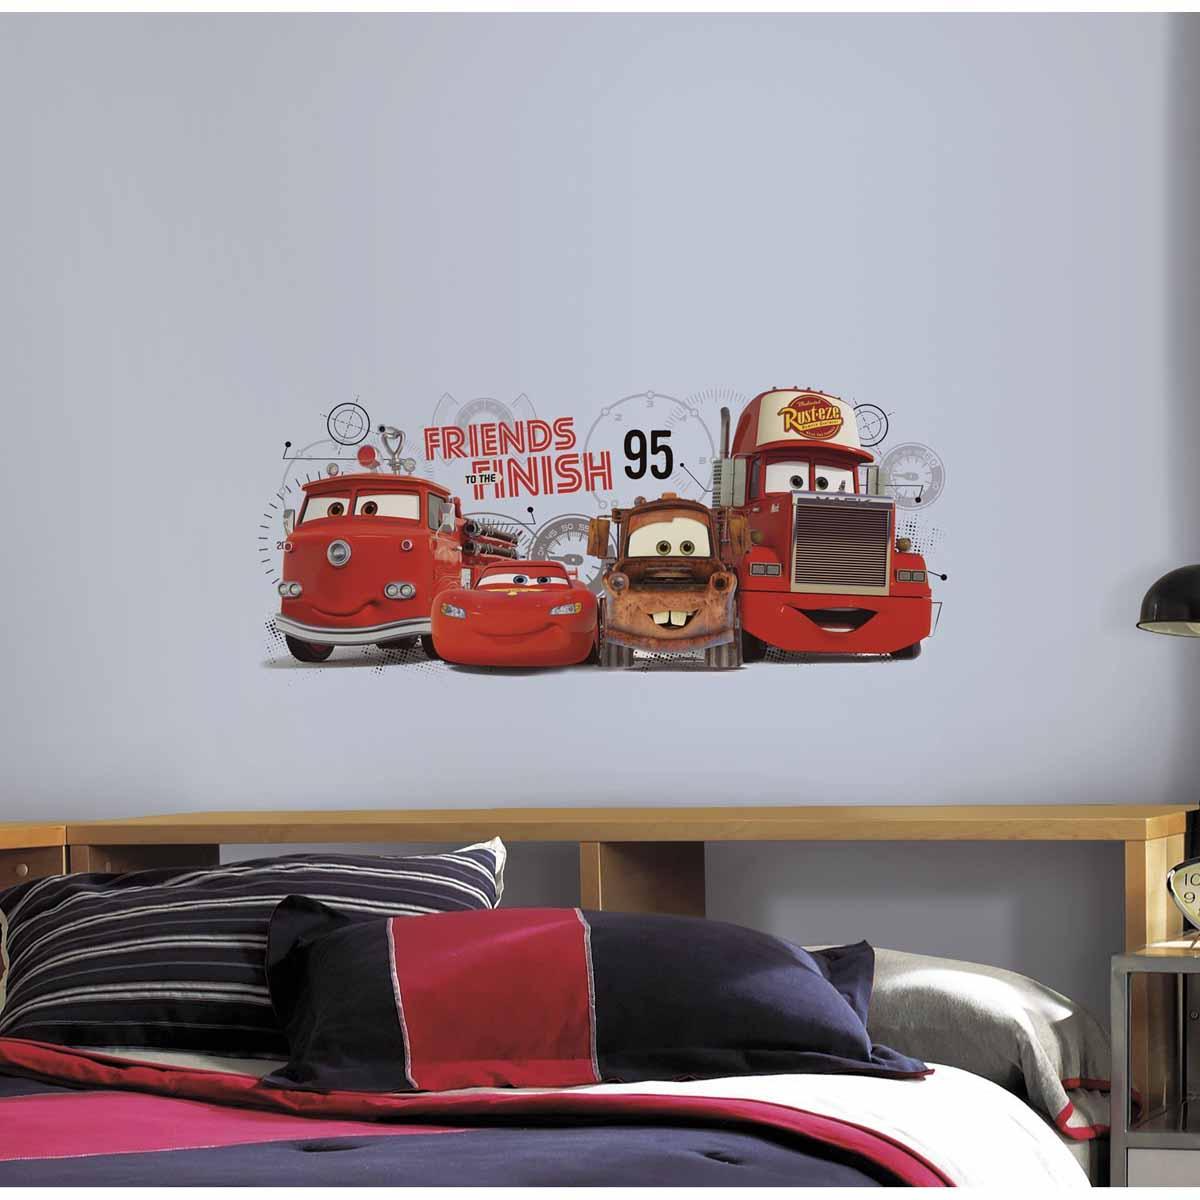 RoomMates Наклейка интерьерная Тачки Друзья навсегда43412Наклейки для декора Тачки. Друзья навсегда от знаменитого производителя RoomMates станут украшением вашей квартиры! Привнесите магию популярного диснеевского мультфильма в комнату вашего ребенка с новым увлекательным набором наклеек для декора! Наклейки, входящие в набор, изображают всеми любимых персонажей знаменитого мультфильма: Молнию МакКуина, Мэтра и друзей.Наклейки не нужно вырезать - их следует просто отсоединить от защитного слоя и поместить на стену или любую другую плоскую гладкую поверхность. Наклейки многоразовые: их легко переклеивать и снимать со стены, они не оставляют липких следов на поверхности.